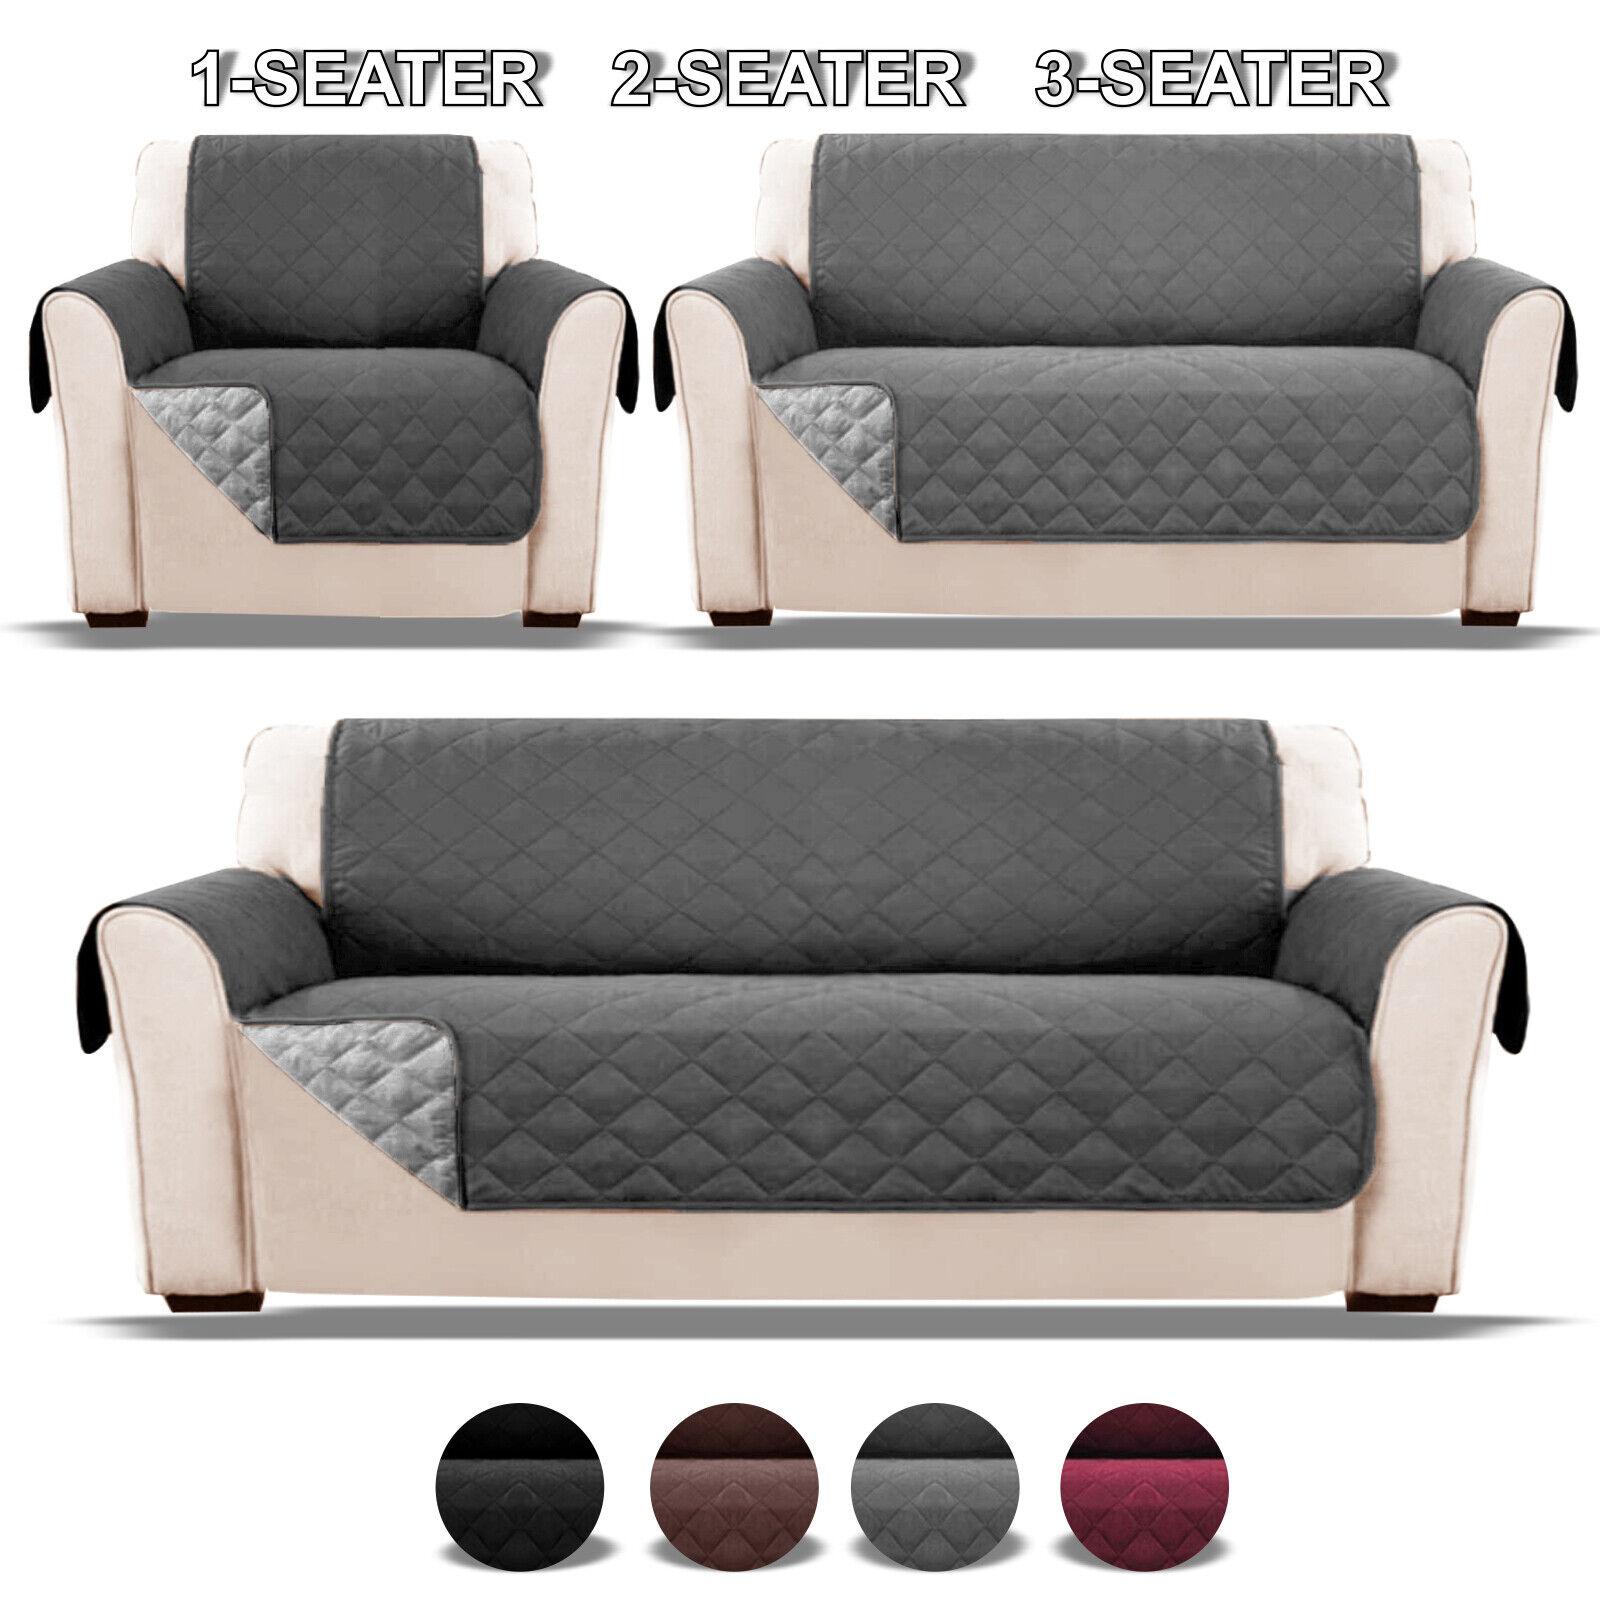 Quilted Waterproof Sofa Slip Covers Anti Slip Pet Furniture Sofa